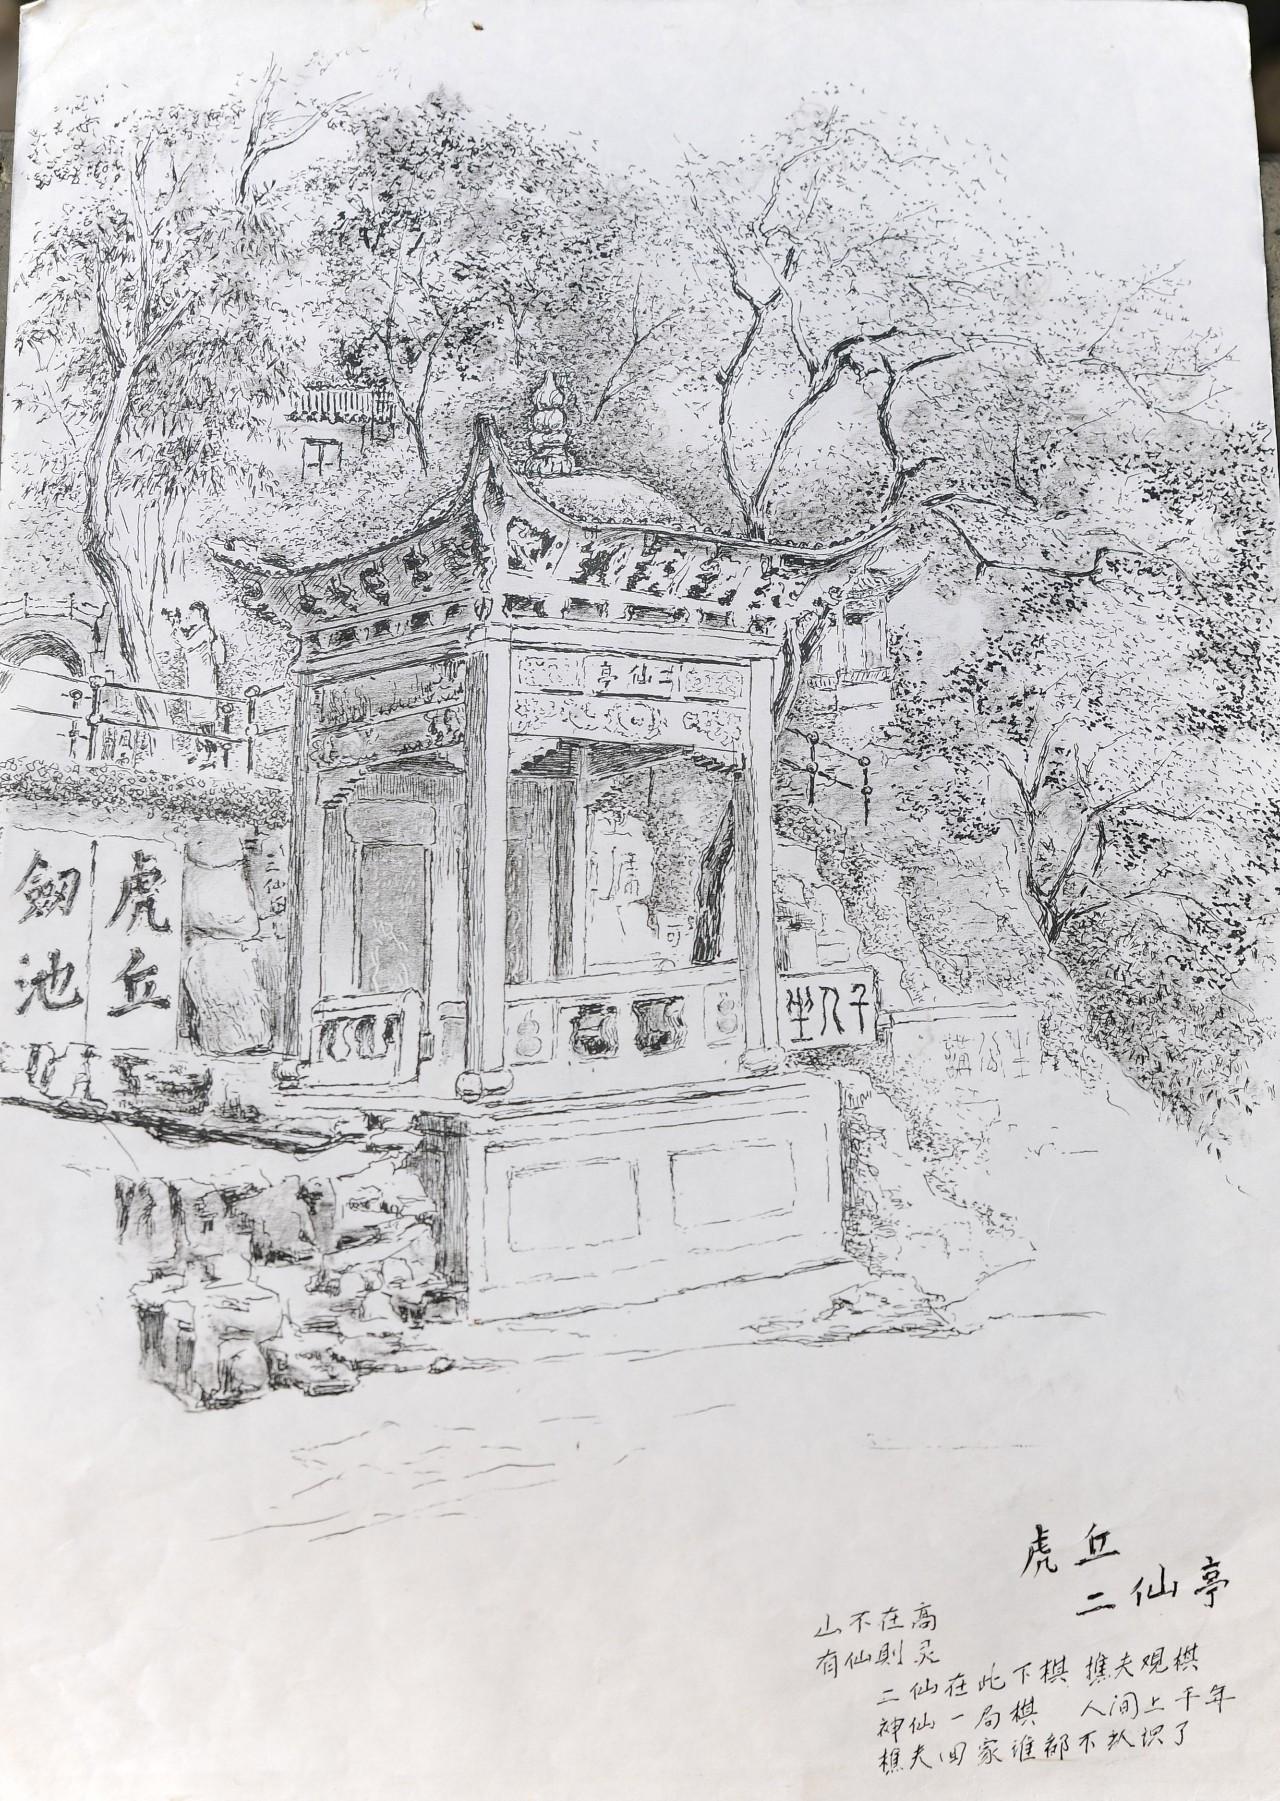 一套手绘版苏州园林刷屏,八旬老人竟有这般手艺!